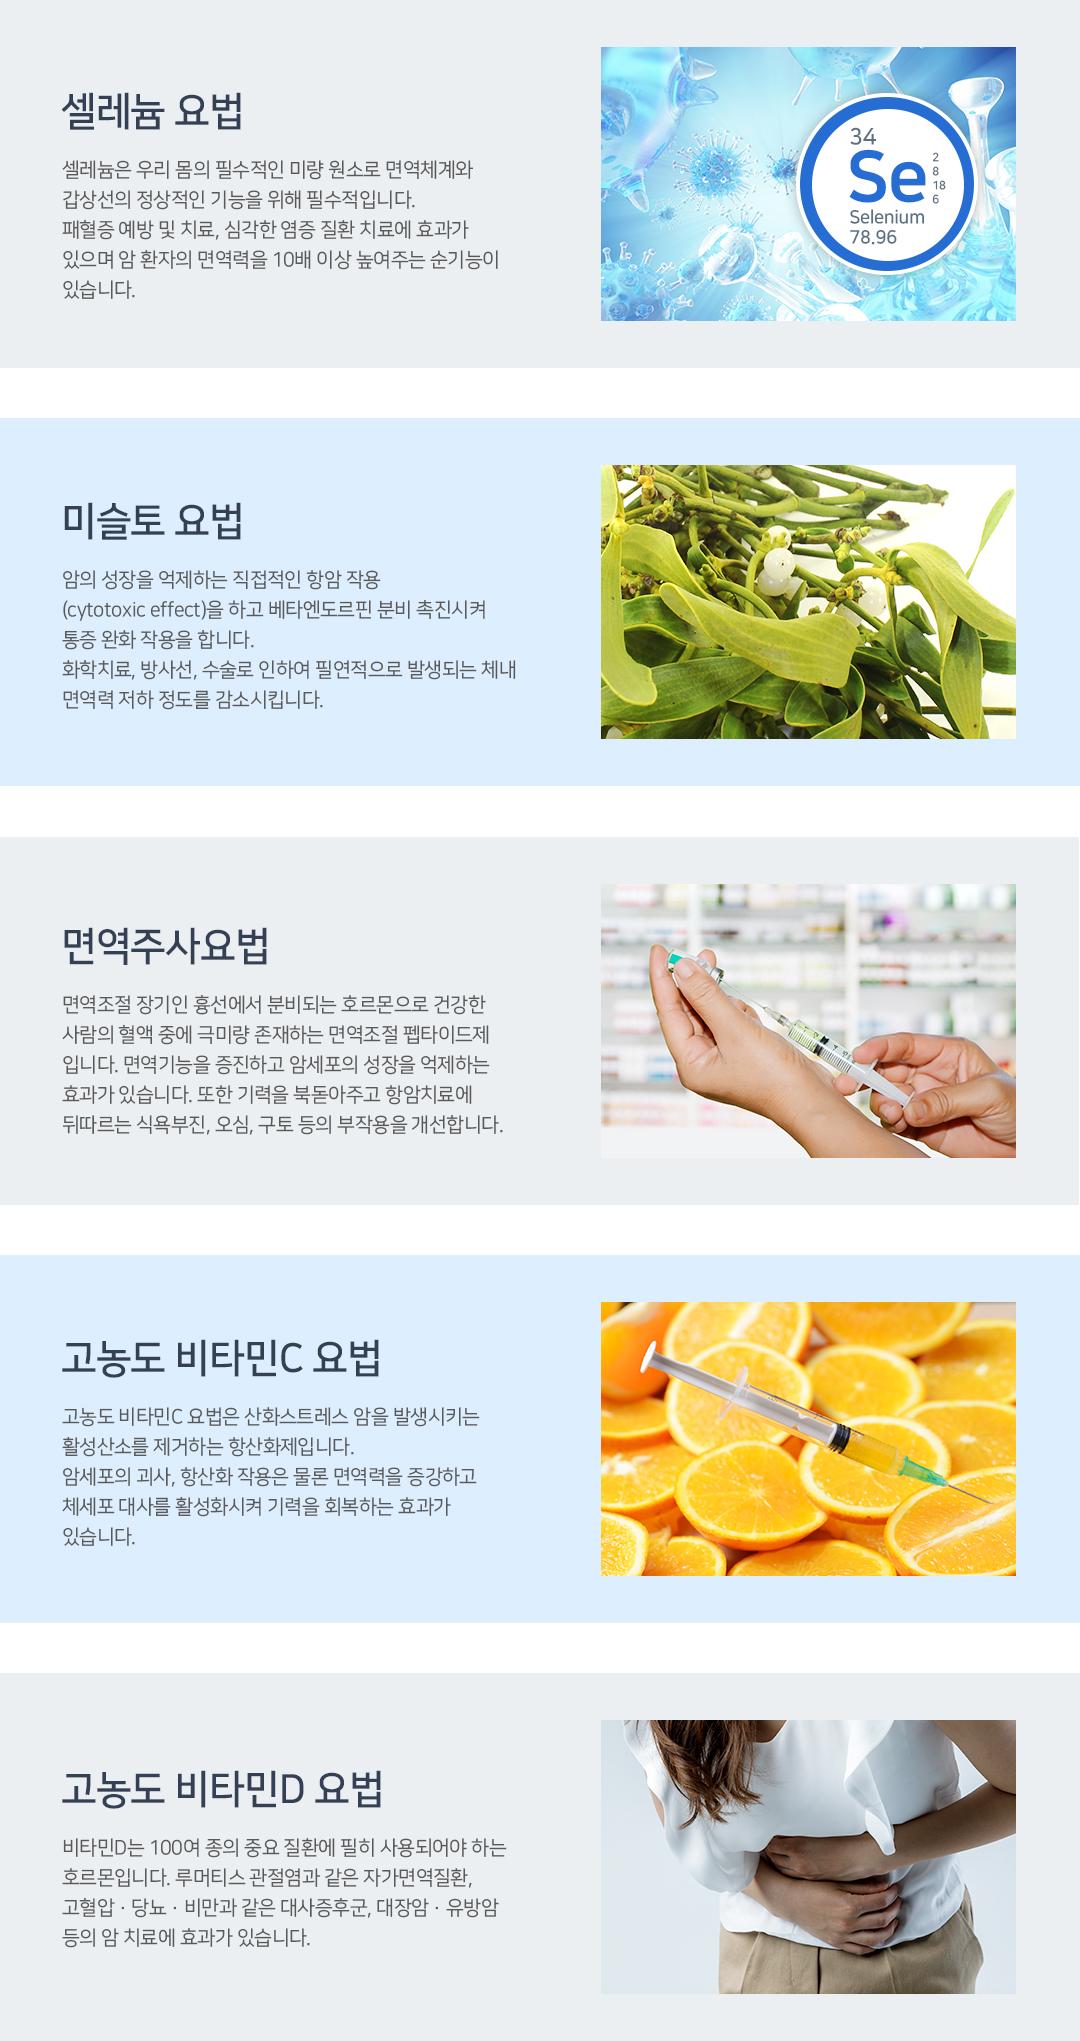 면역증강요법 종류